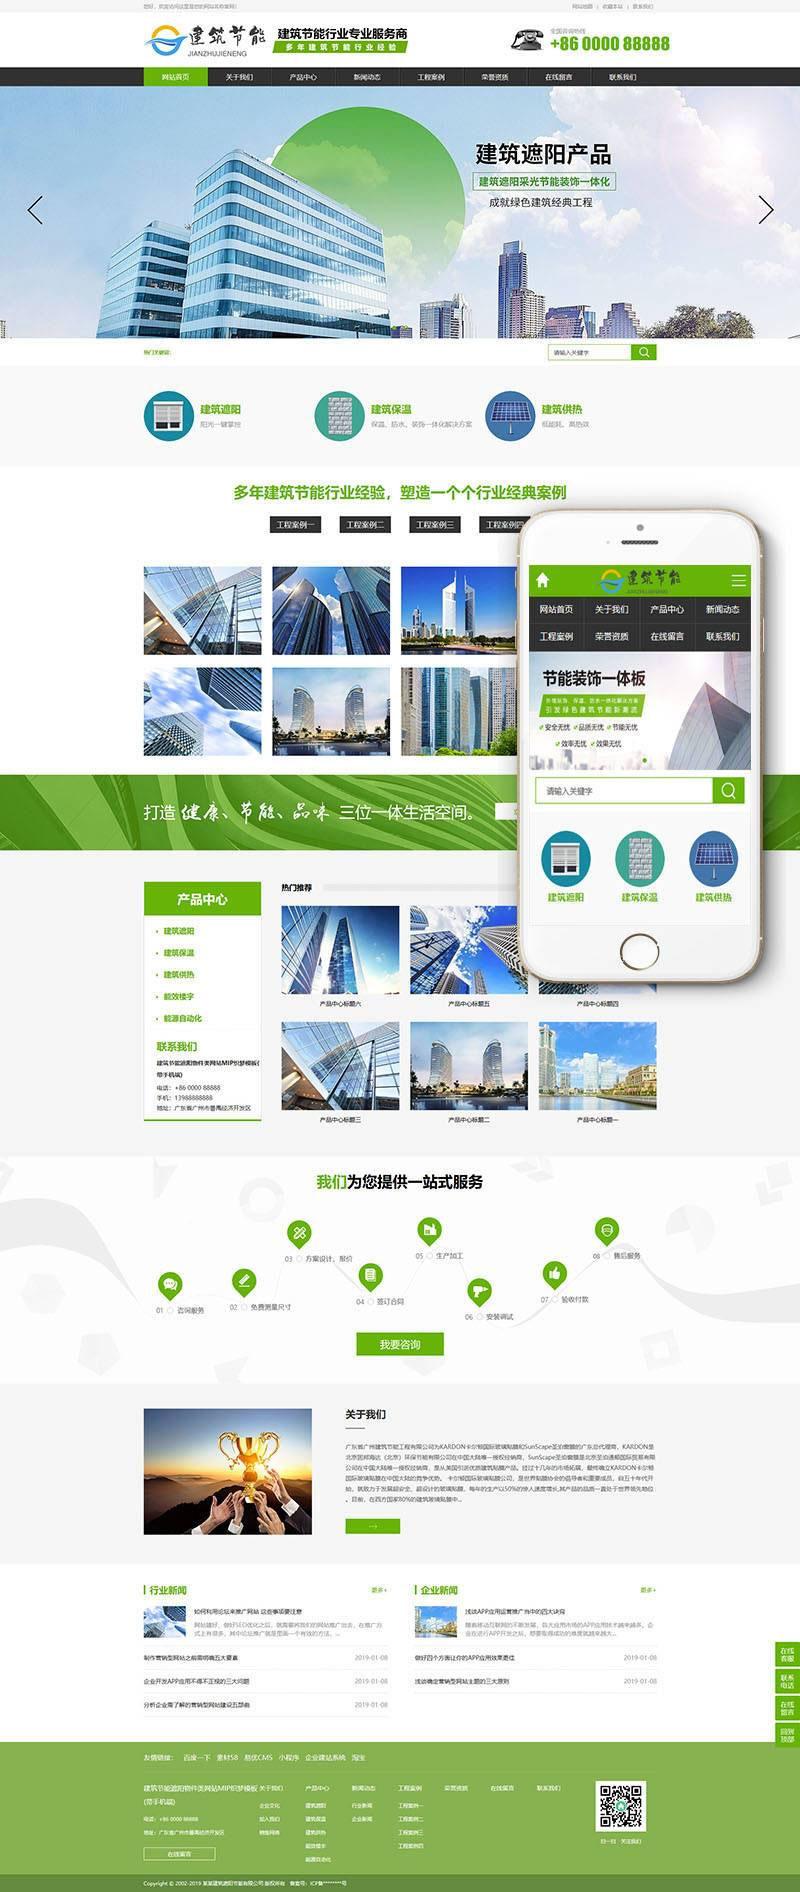 织梦dedecms建筑节能遮阳物件网站模板整站源码 MIP+PC+移动端 三端同步